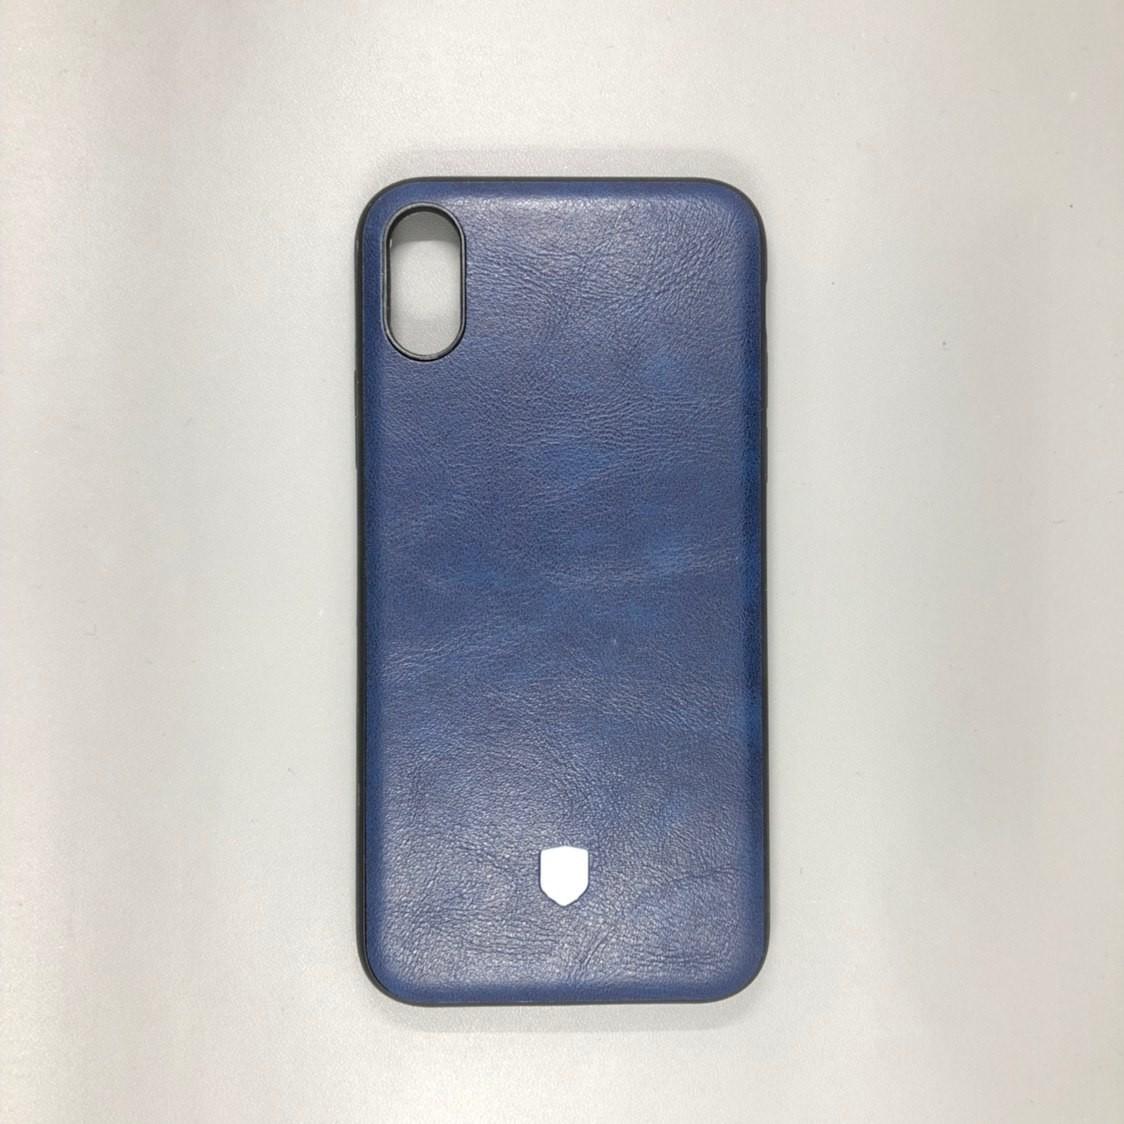 iPhone X Blue T